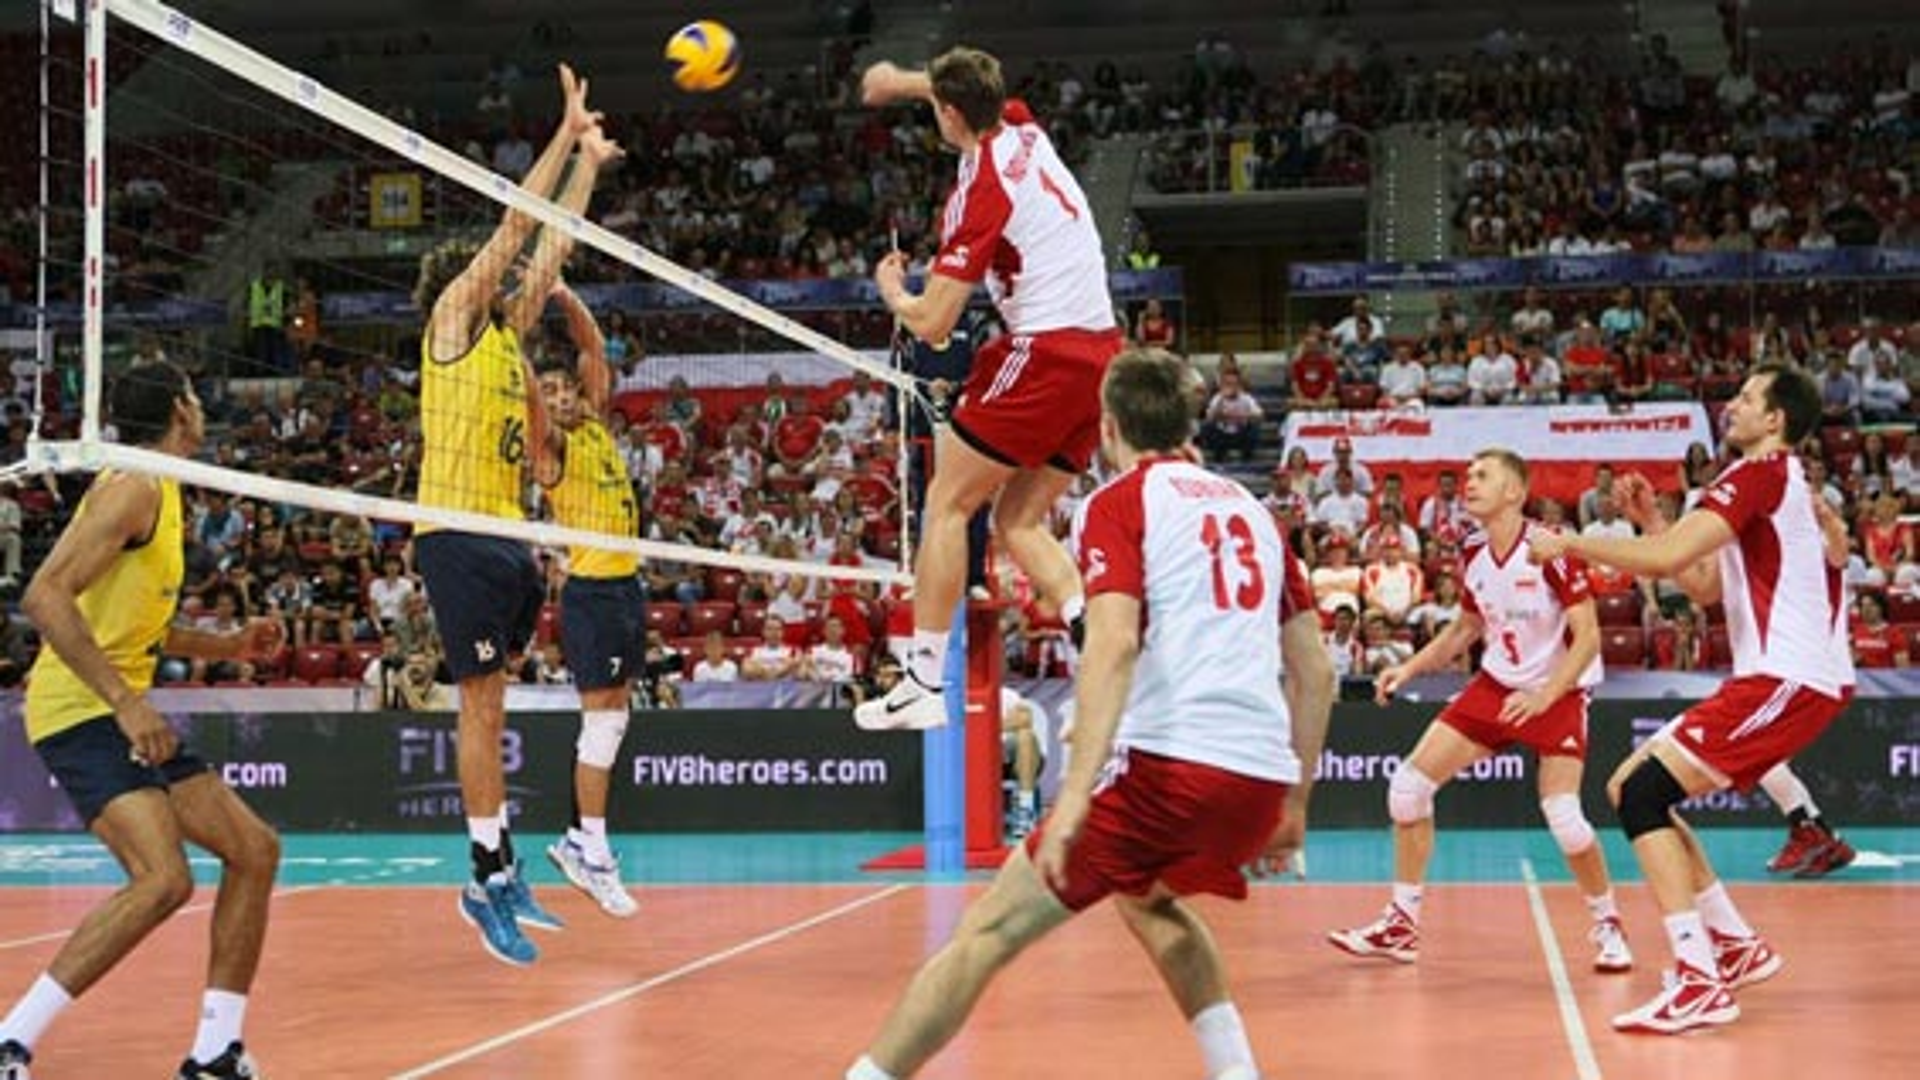 هایلایت روز اول والیبال قهرمانی باشگاههای جهان   فیلم